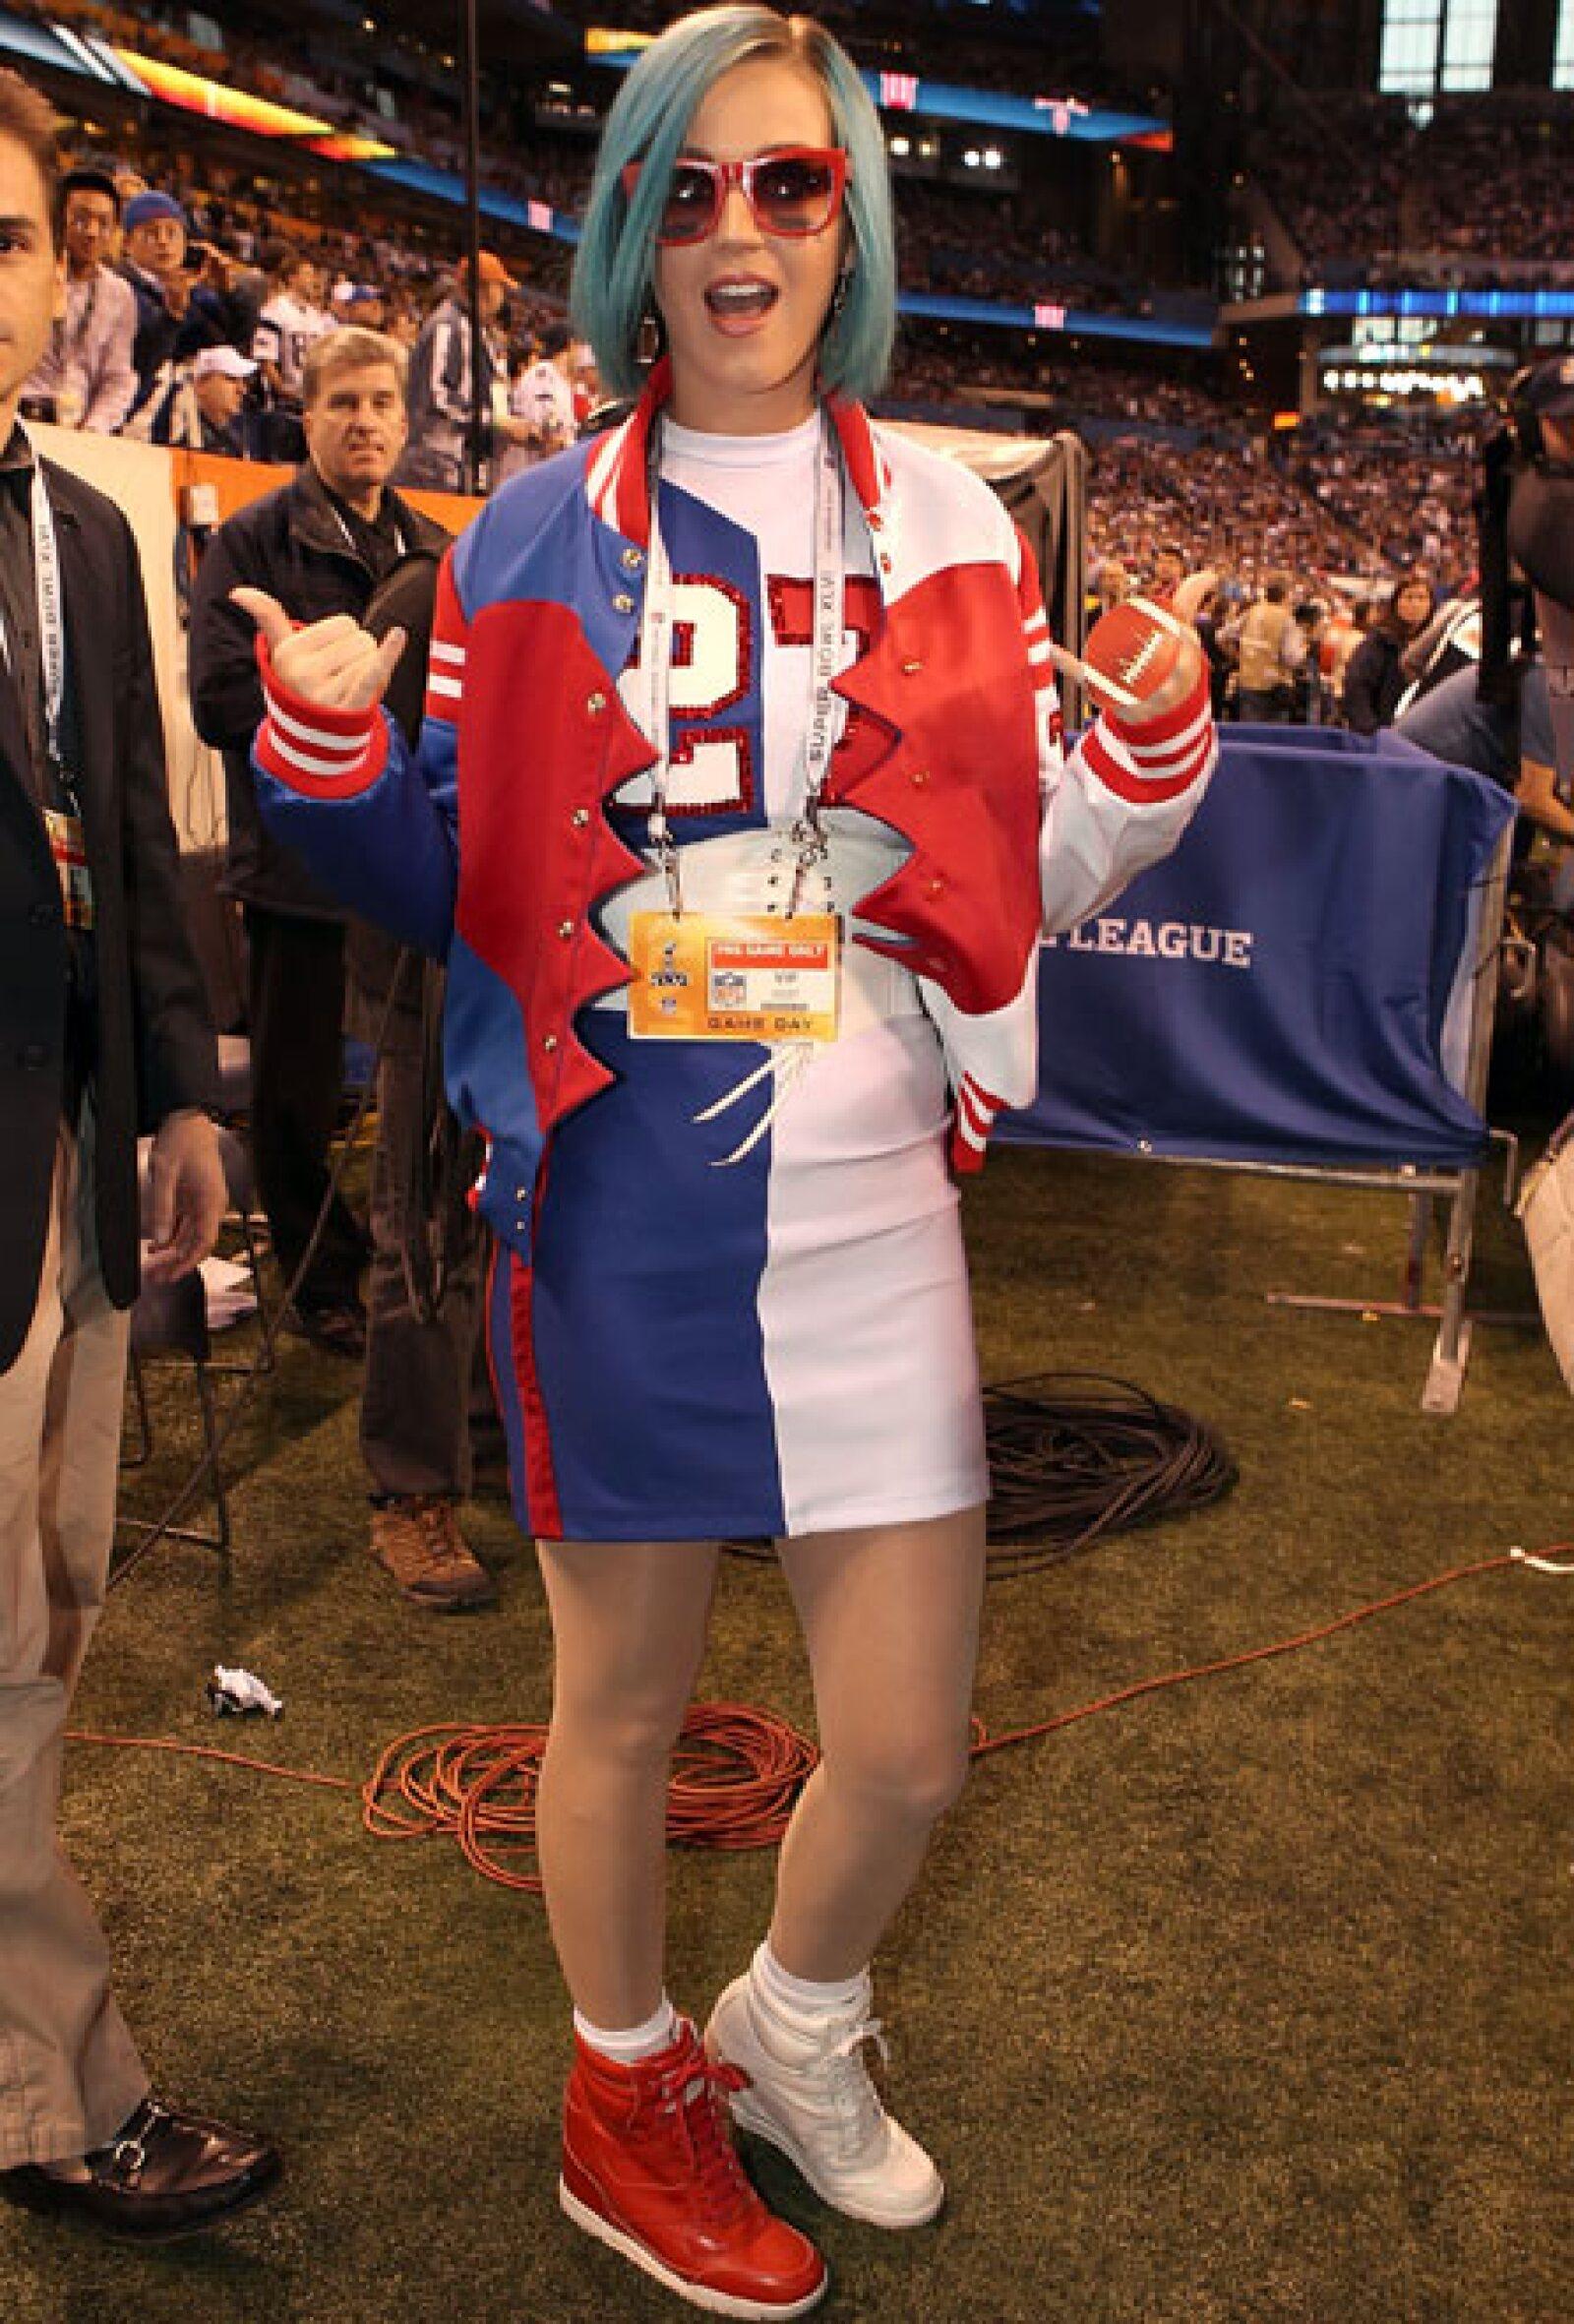 Katy Perry acaparó los reflectores durante la final entre Patriotas y Gigantes.